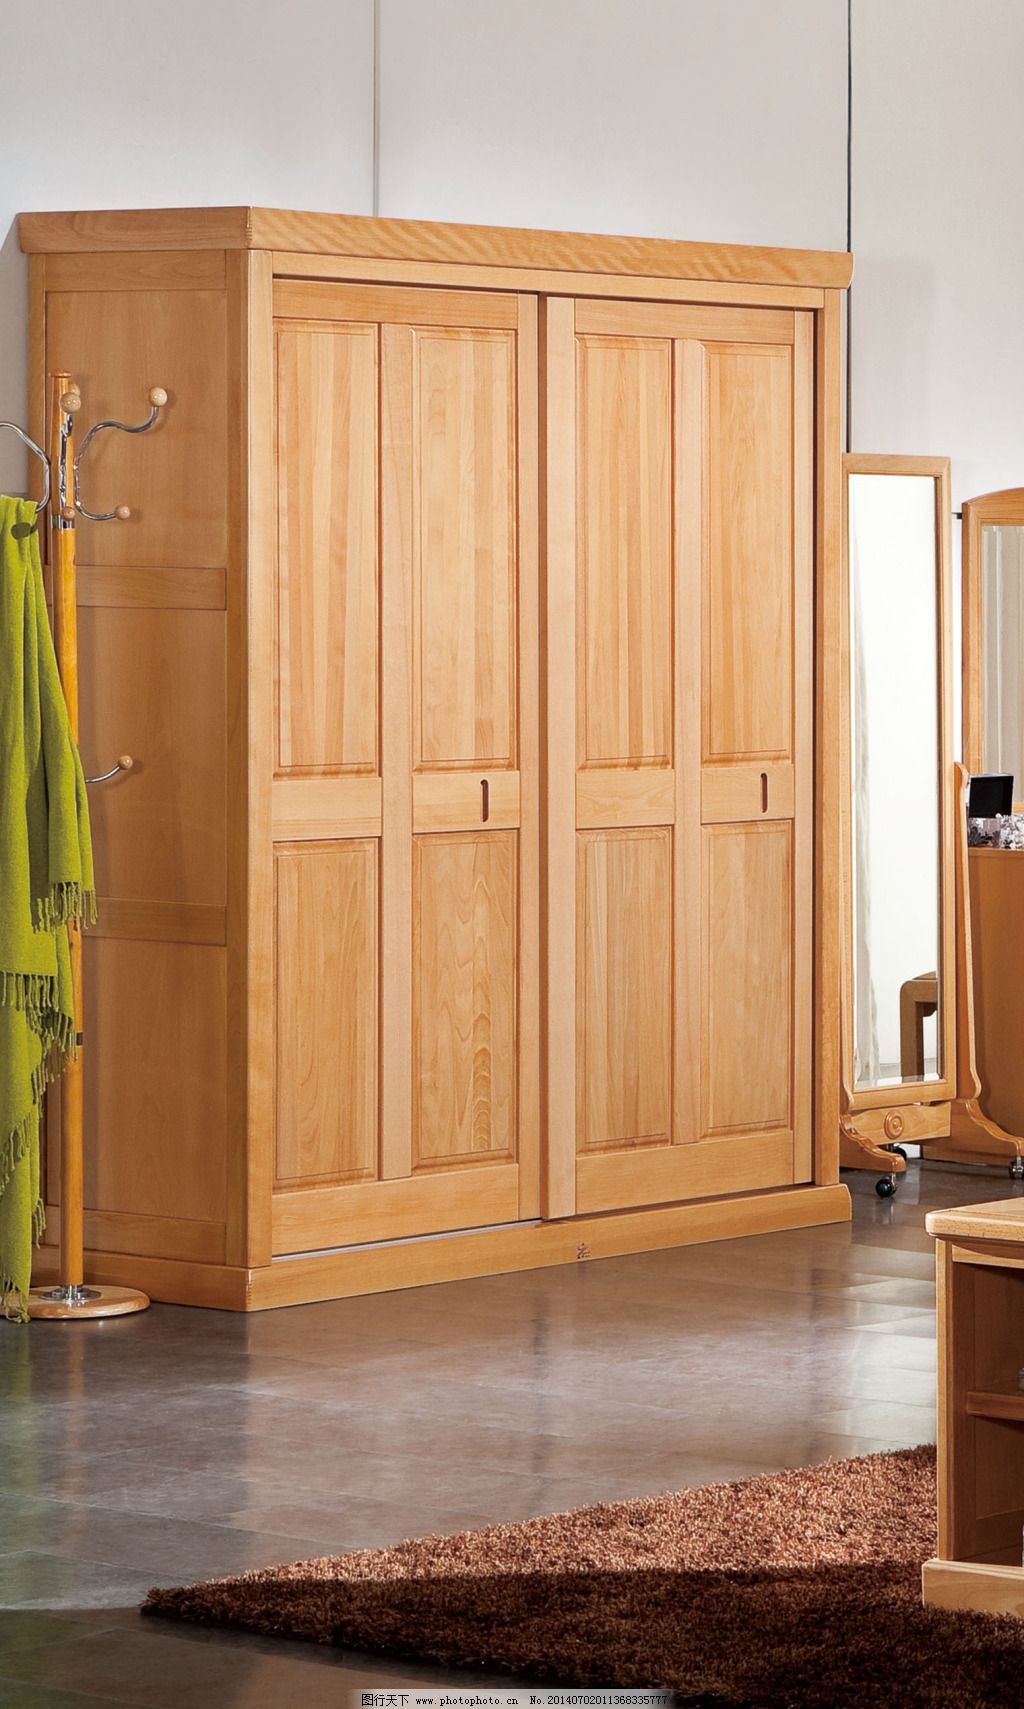 实木衣柜免费下载 地毯 挂画 落地灯 实木衣柜 落地灯 地毯 挂画 装饰